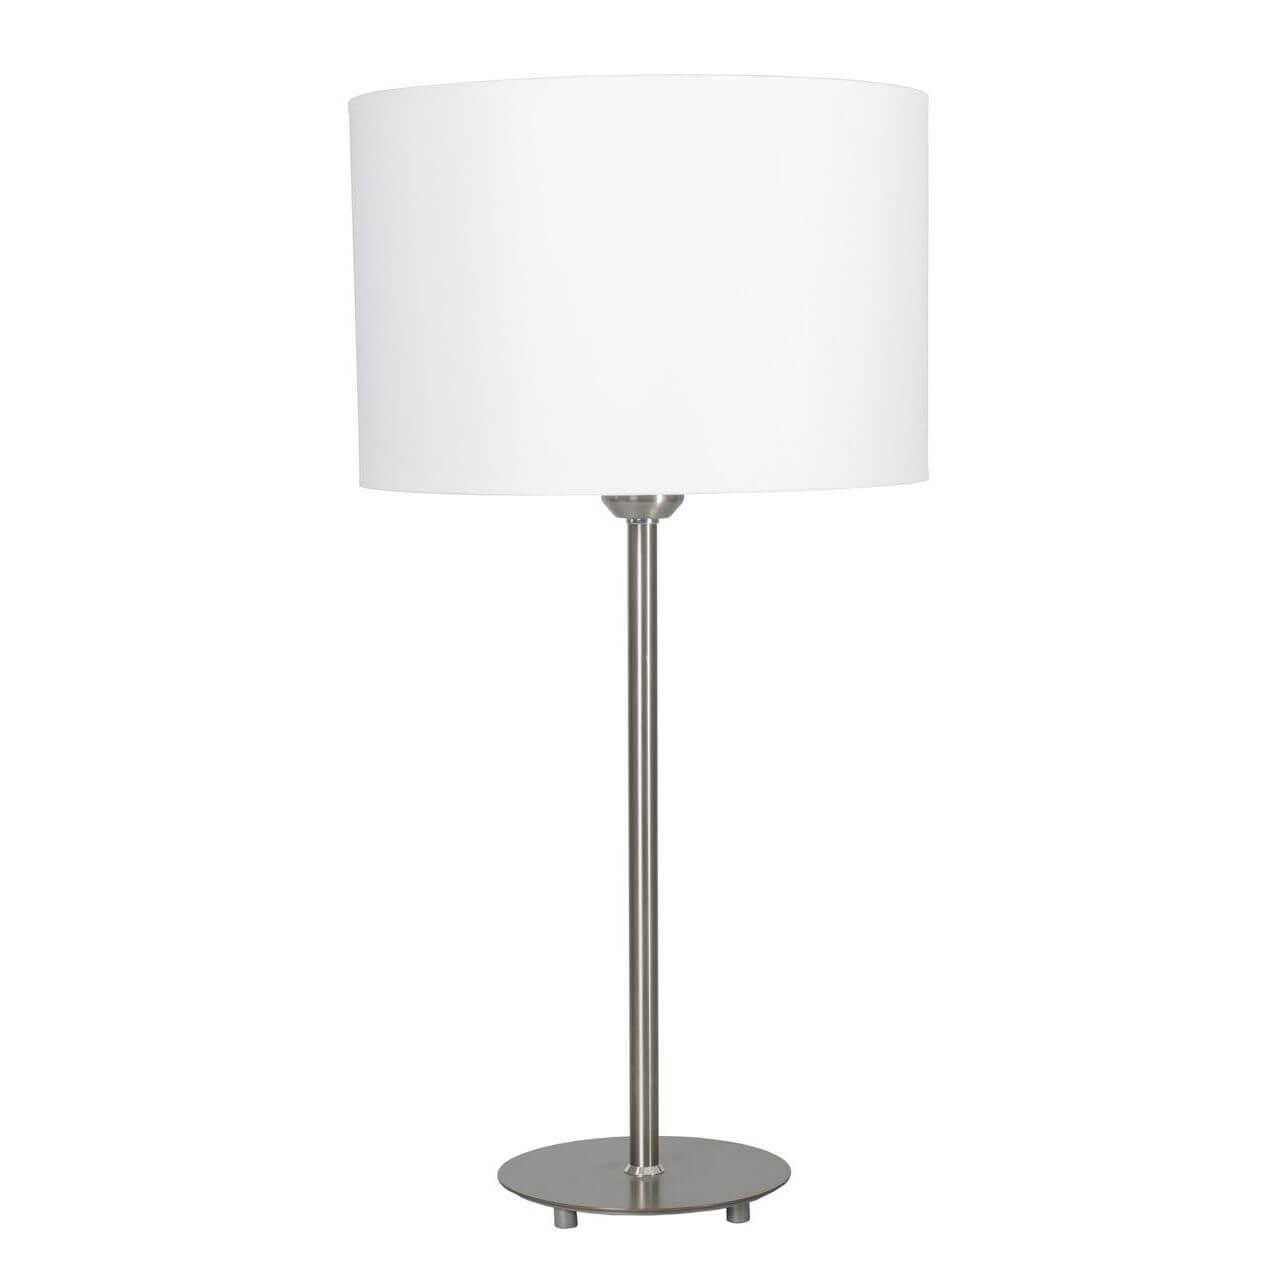 Настольная лампа АртПром Crocus Glade Т2 01 01